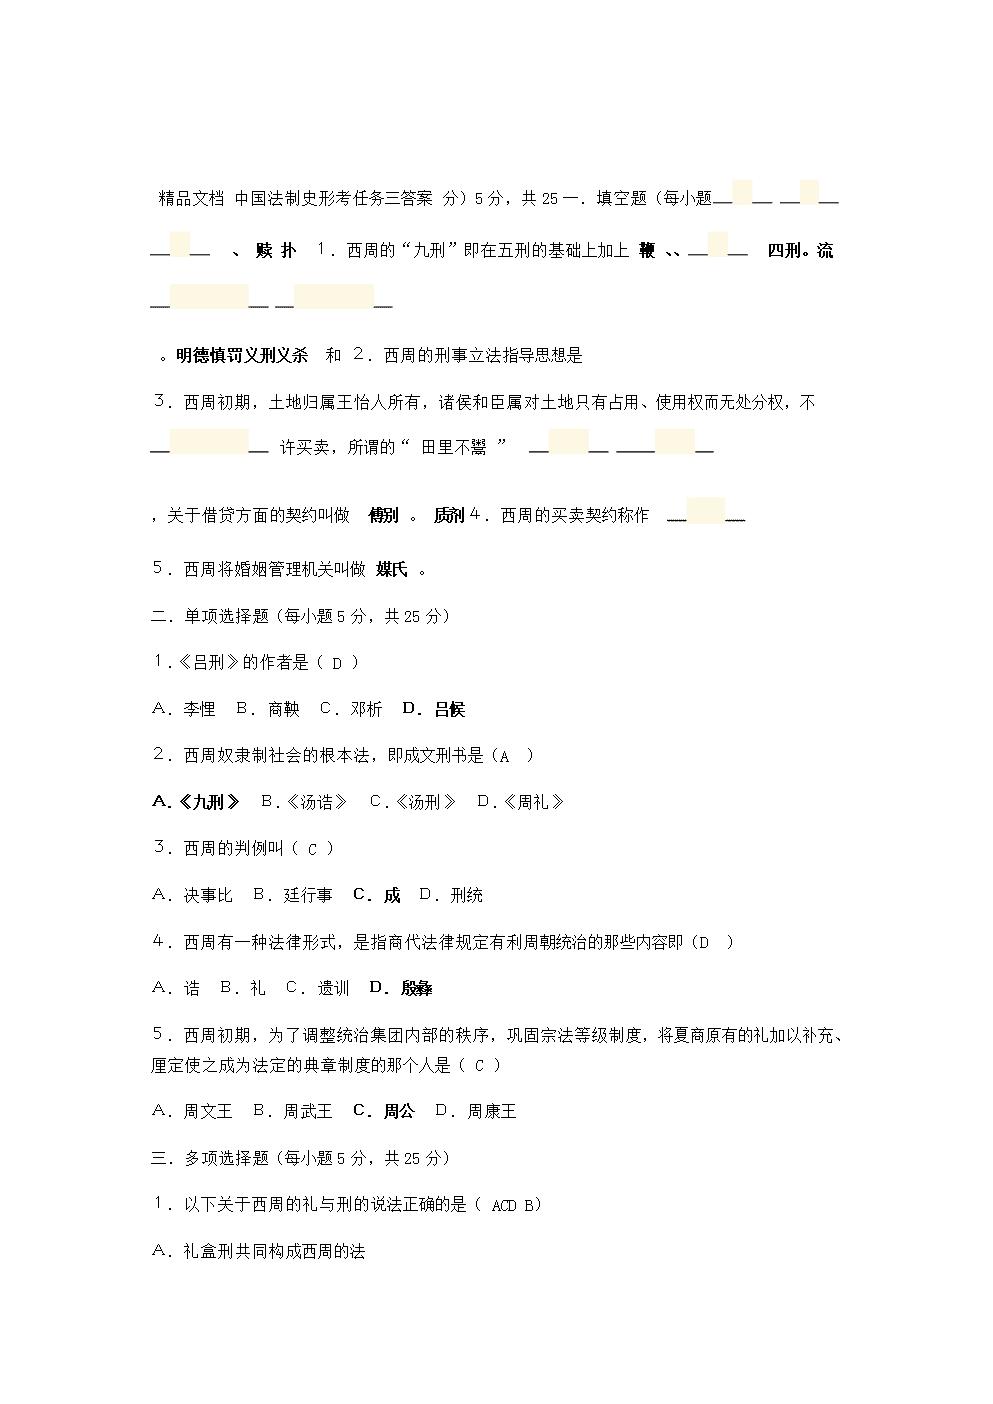 中国法制史形考任务三四答案资料.doc